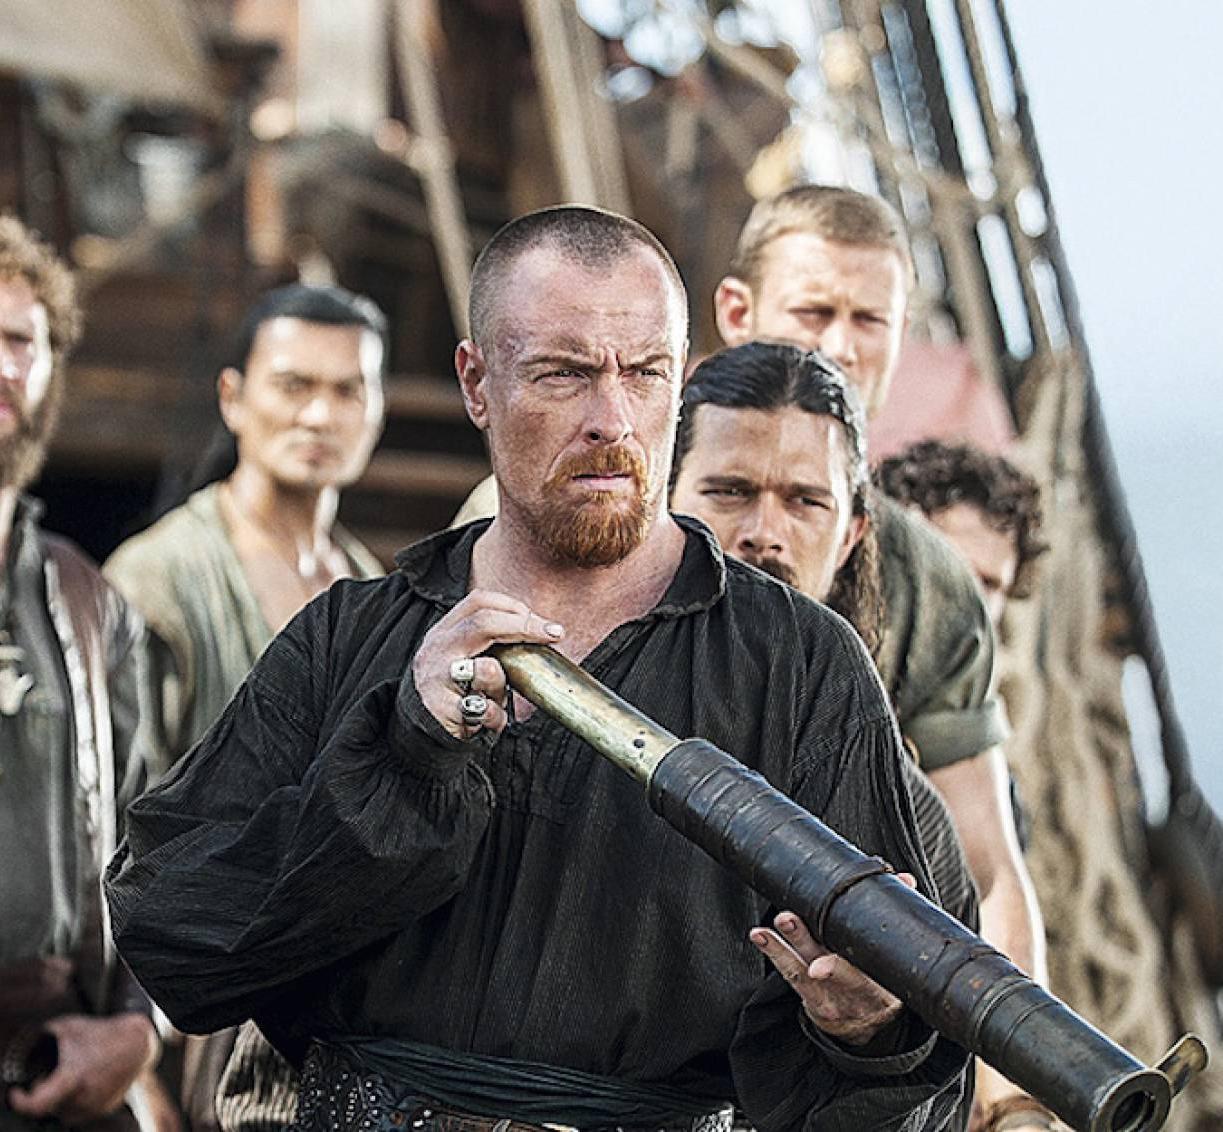 pirata mirando por el catalejos